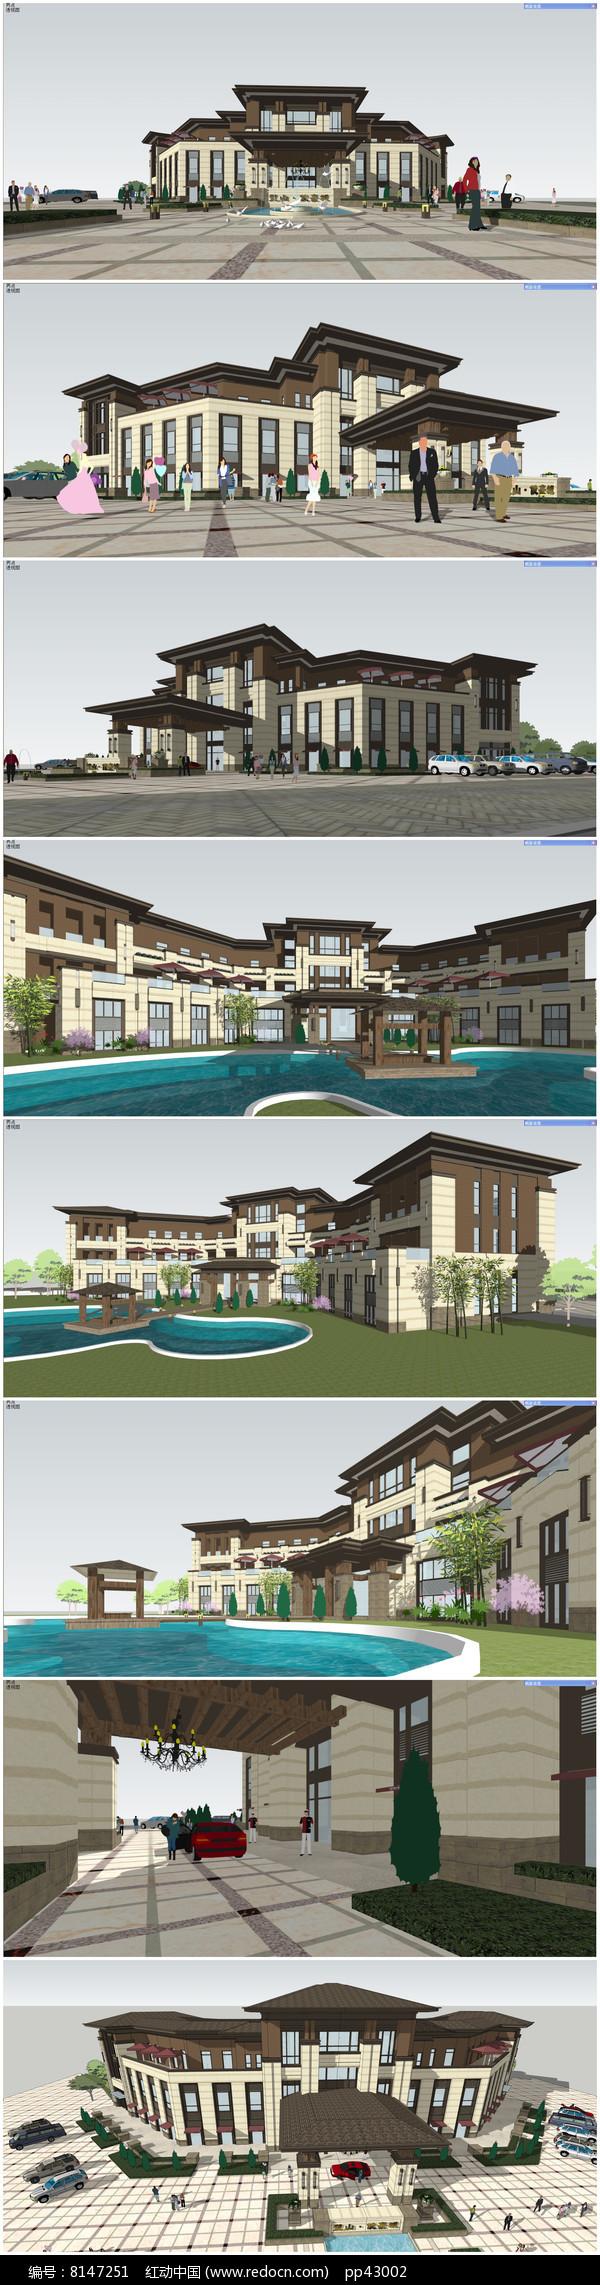 法式风格售楼部SU模型含楼前景观铺装(精模)图片